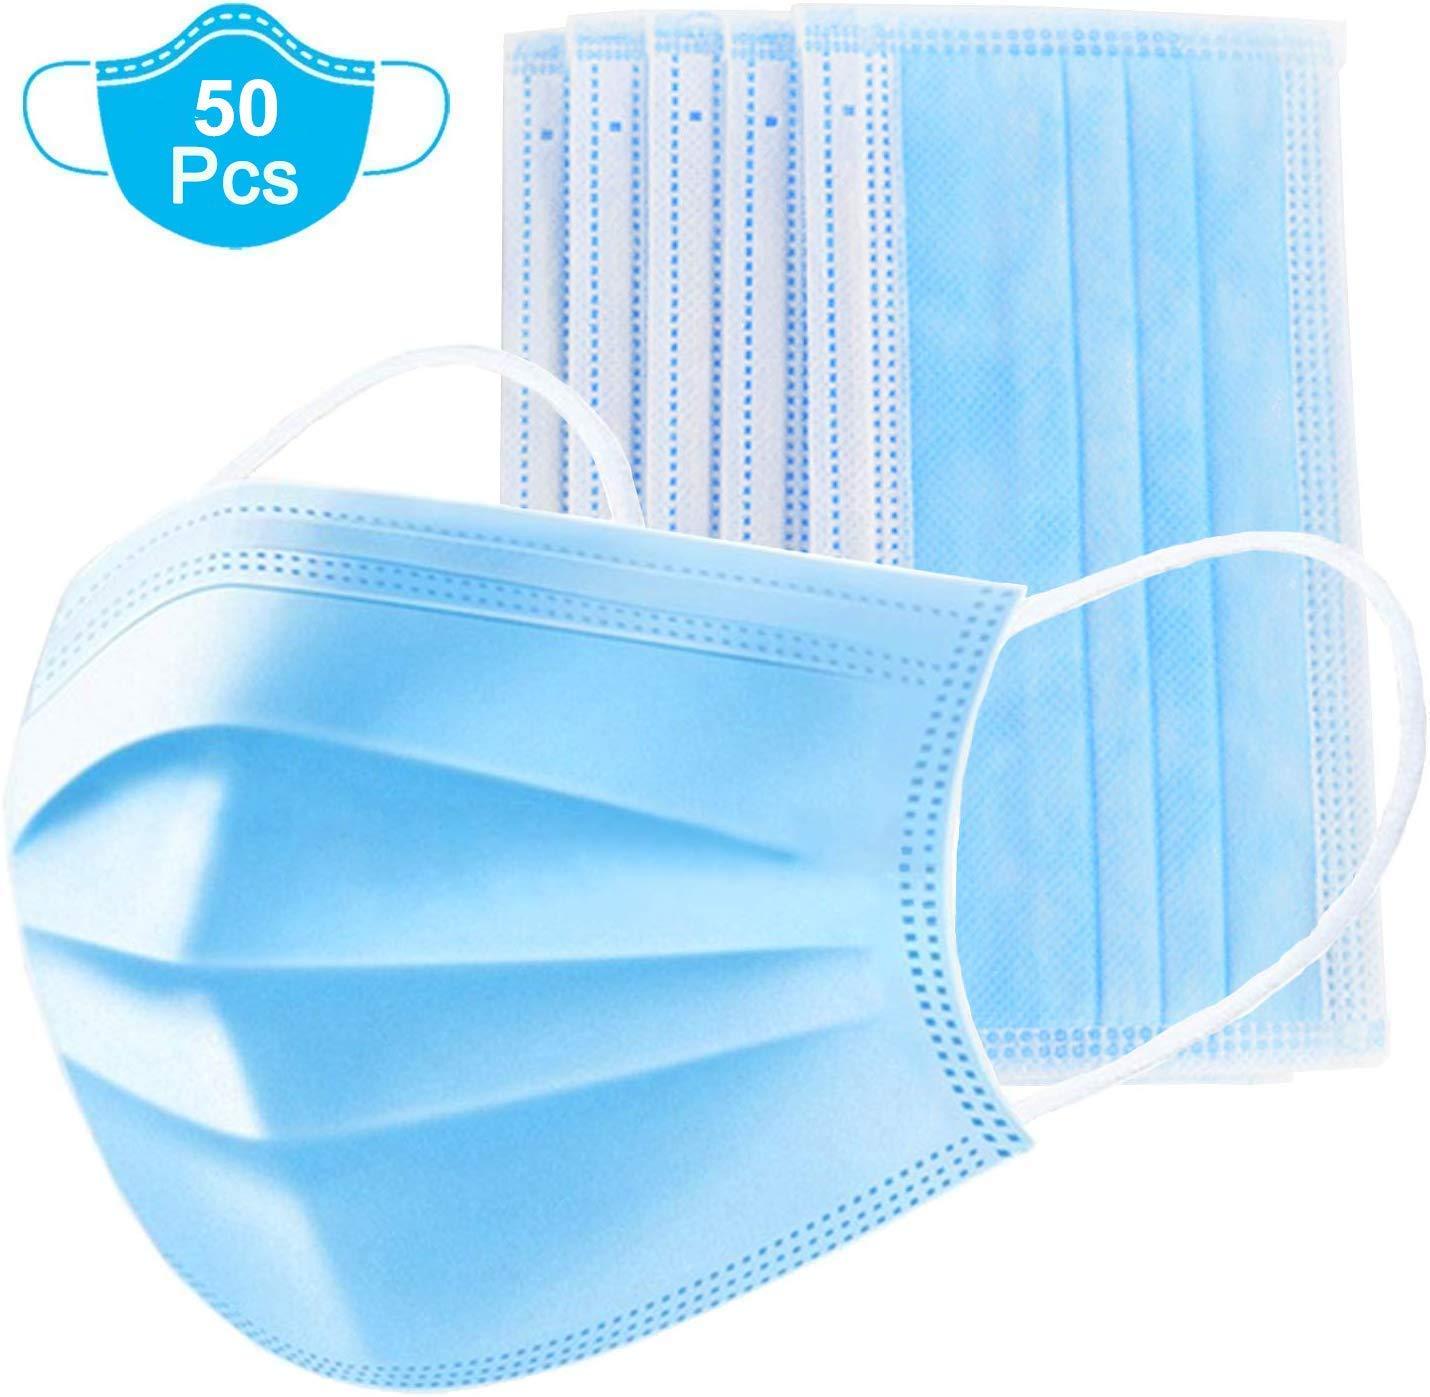 Mbuynow 50pcs Mascarillas desechables Antipolvo Transpirable Antiniebla Antipolución Hombres y mujeres Máscara azul de tres capas con gancho para la oreja Clip de nariz